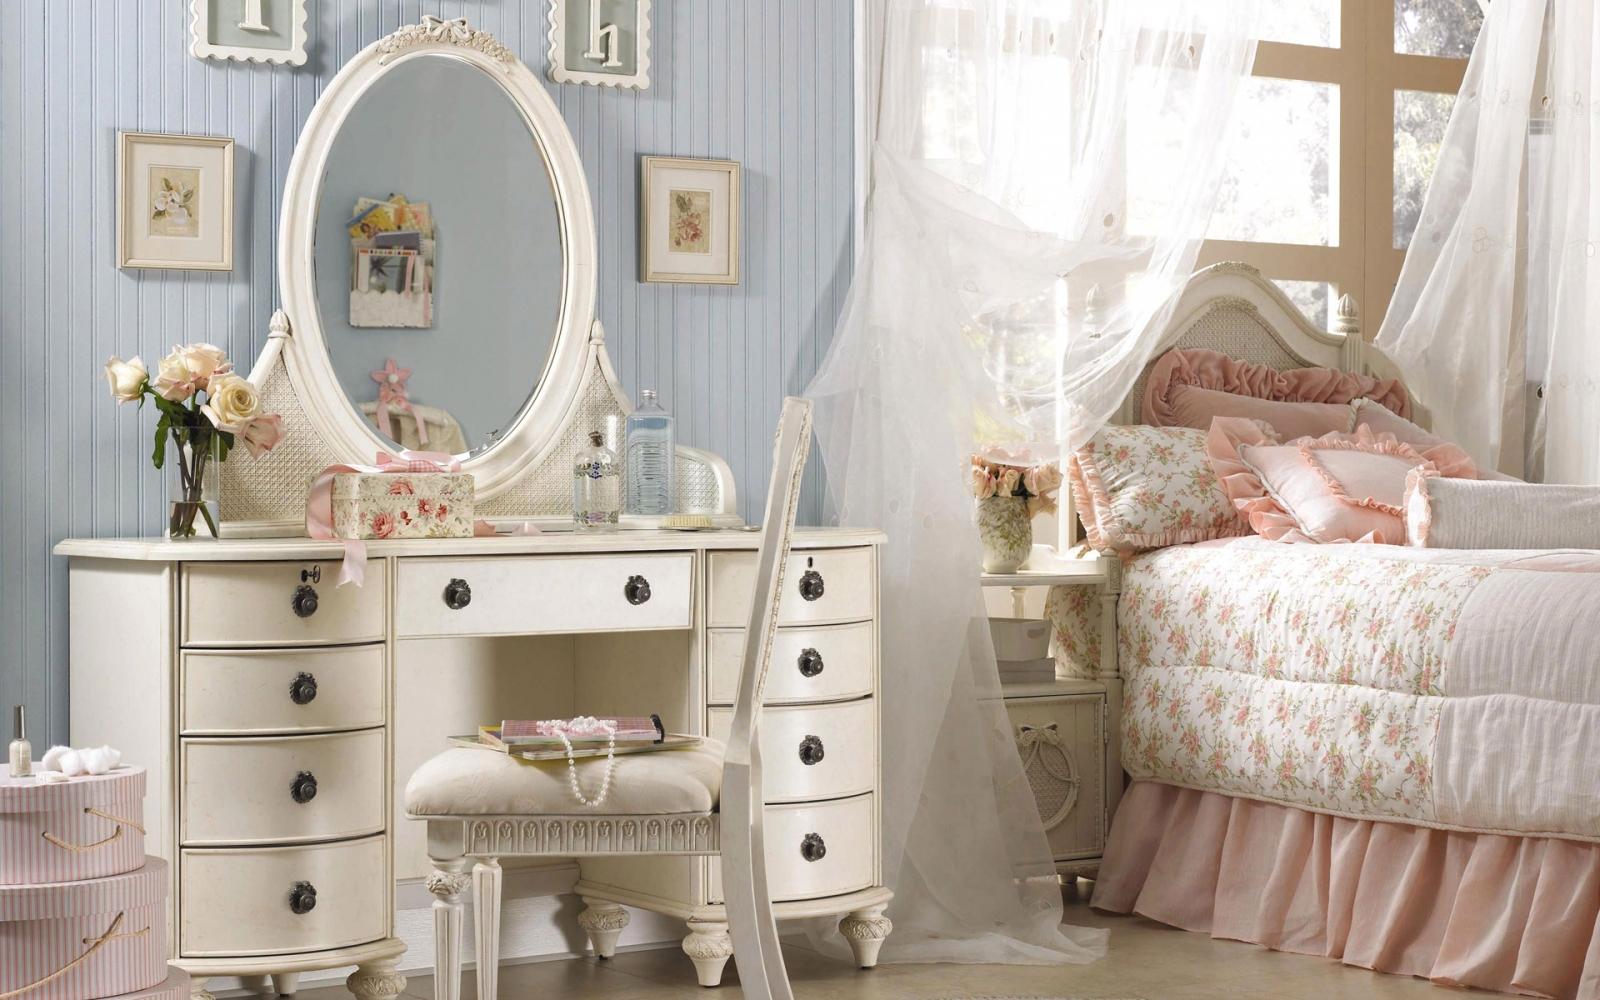 Смотреть онлайн женскую спальню 10 фотография